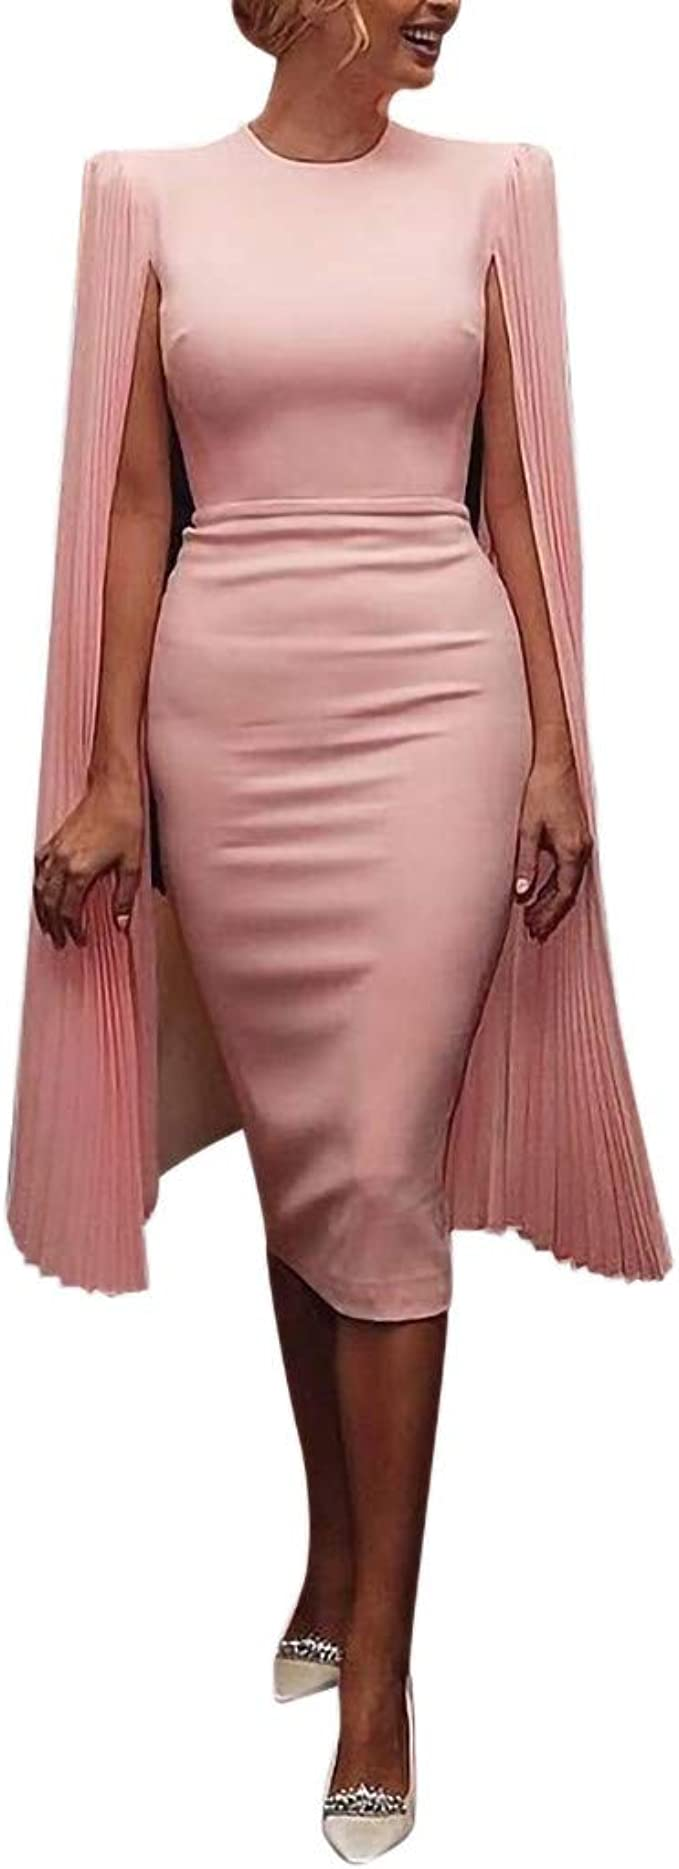 Frau festliche mode 50 die für ab Große Größen